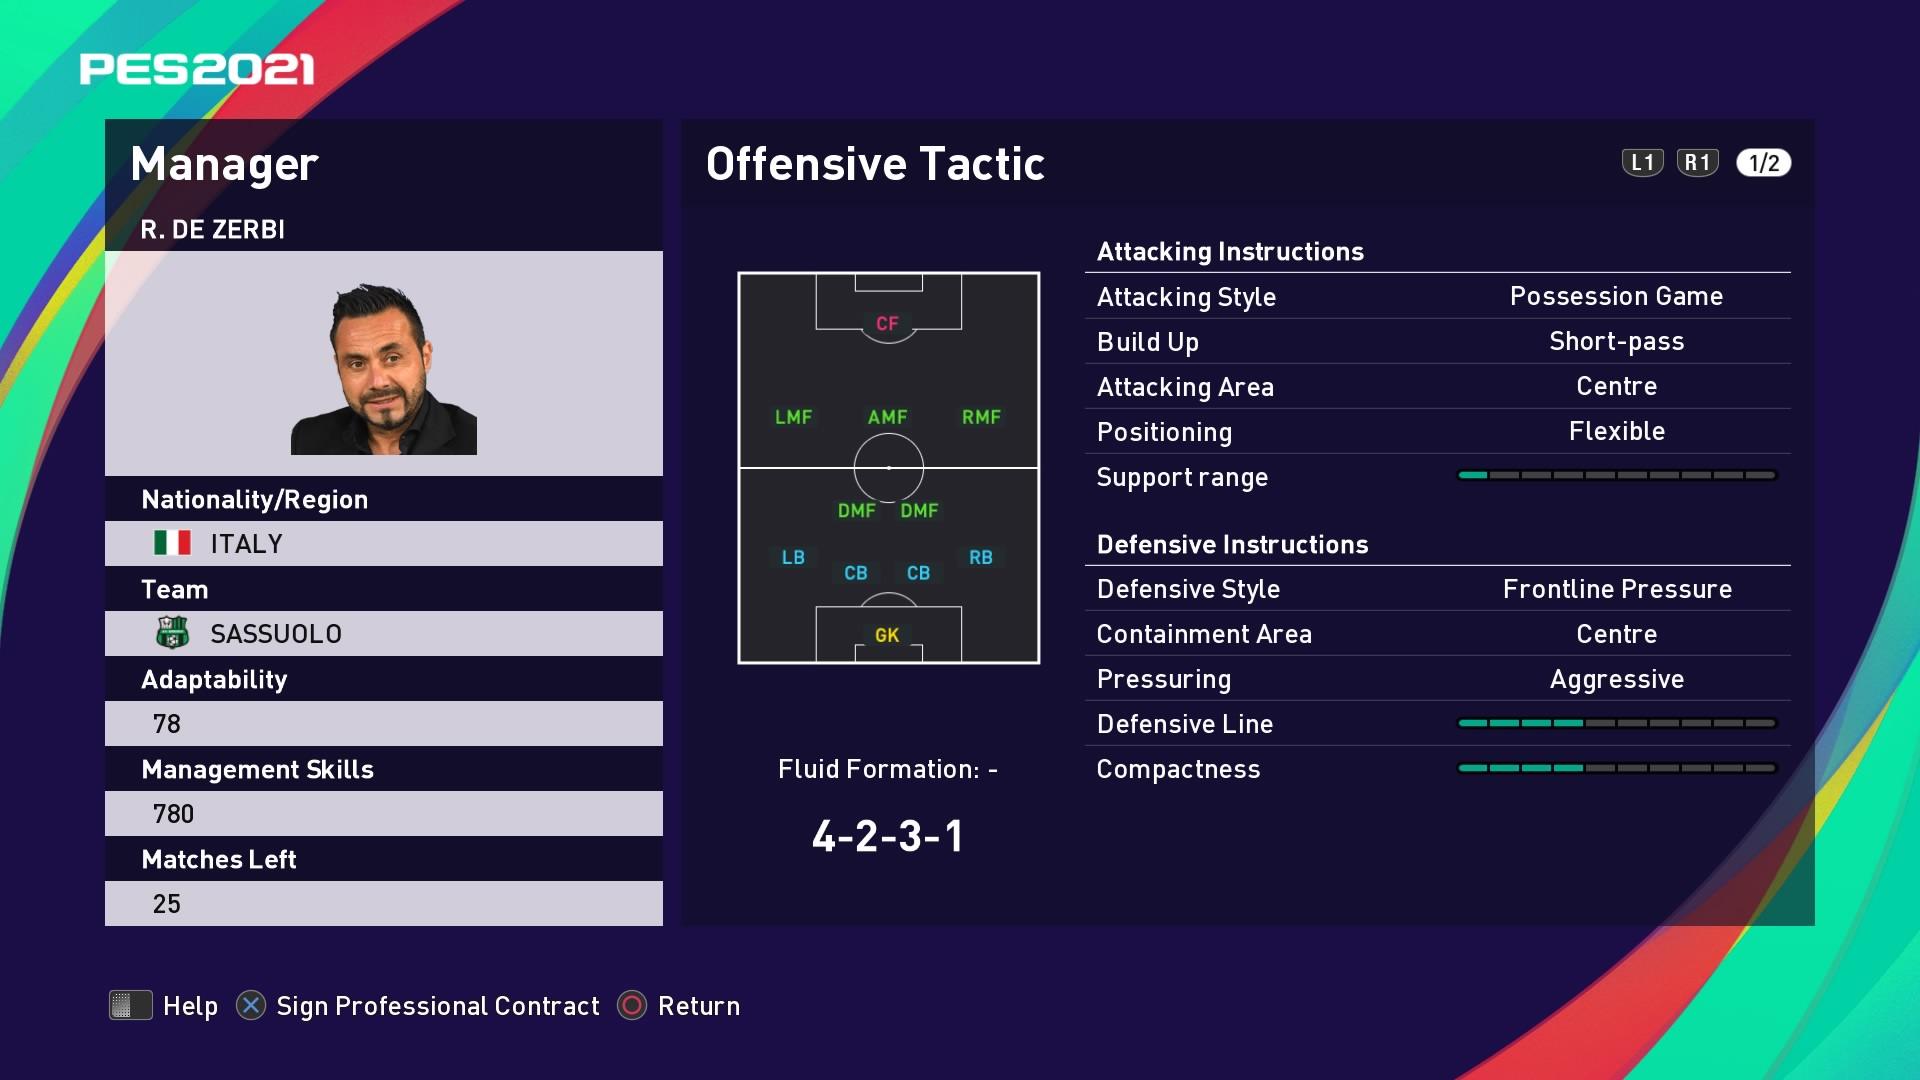 R. de Zerbi (Roberto De Zerbi) Offensive Tactic in PES 2021 myClub